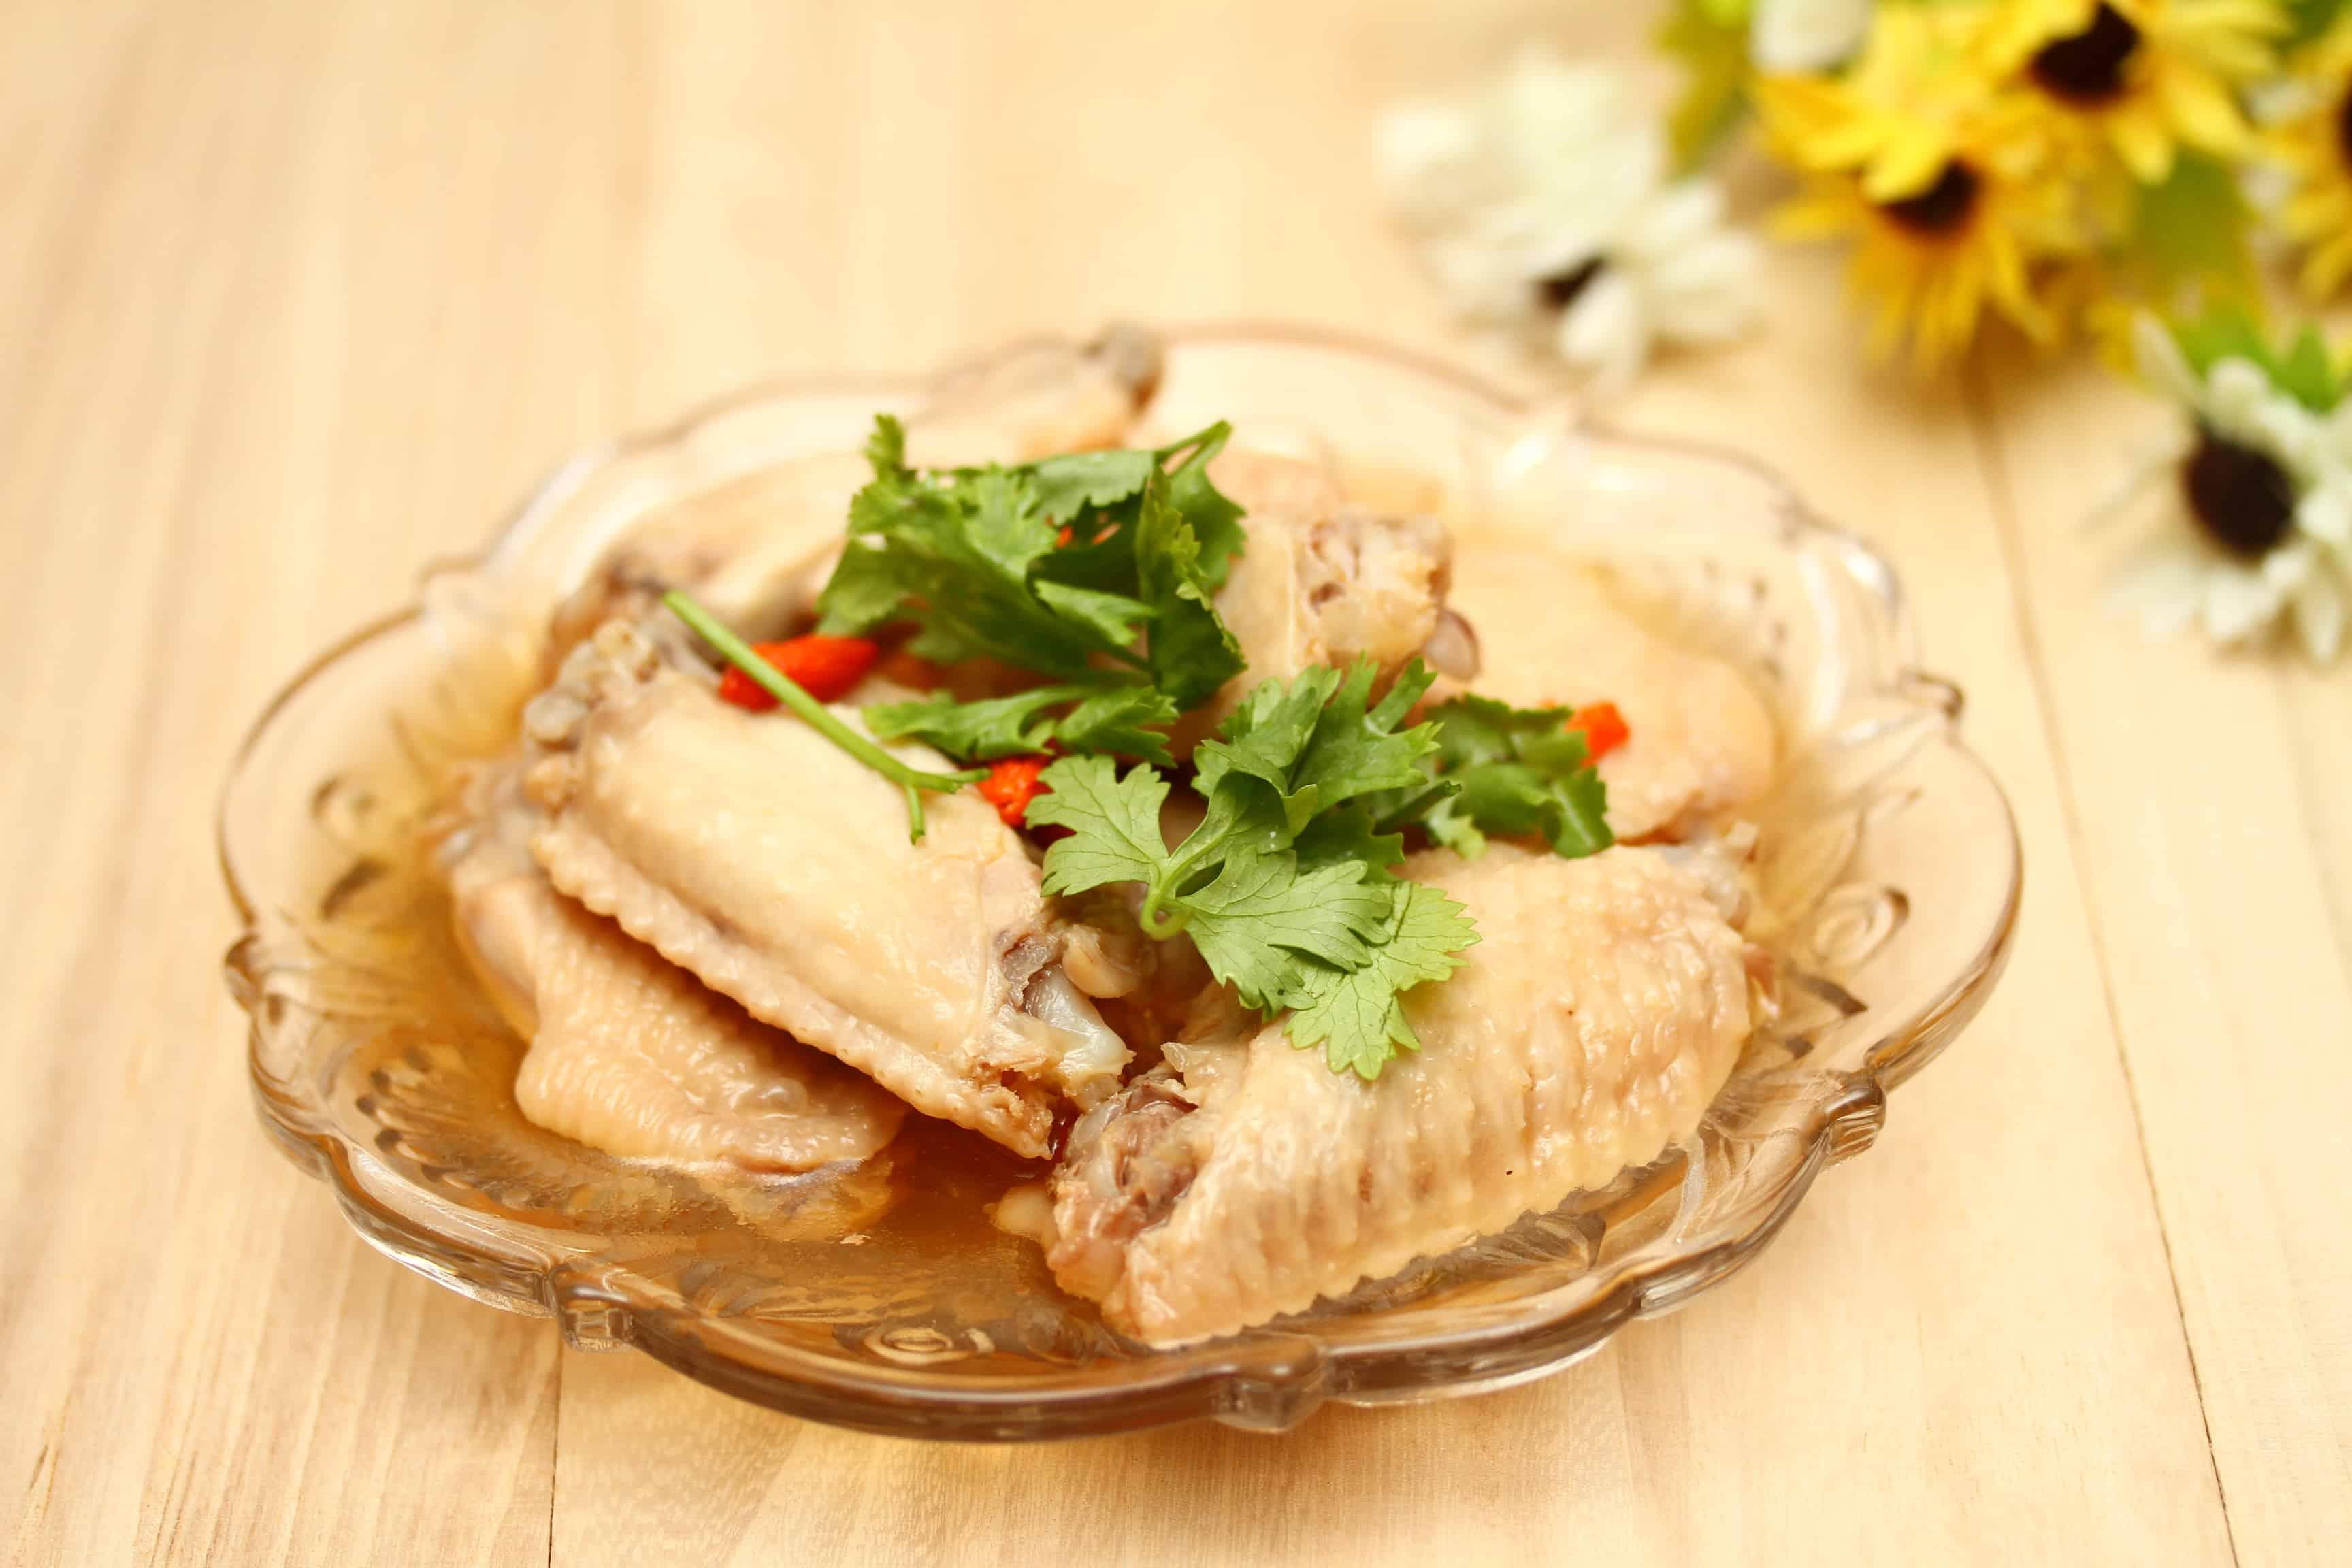 Drunken chicken from Taiwan